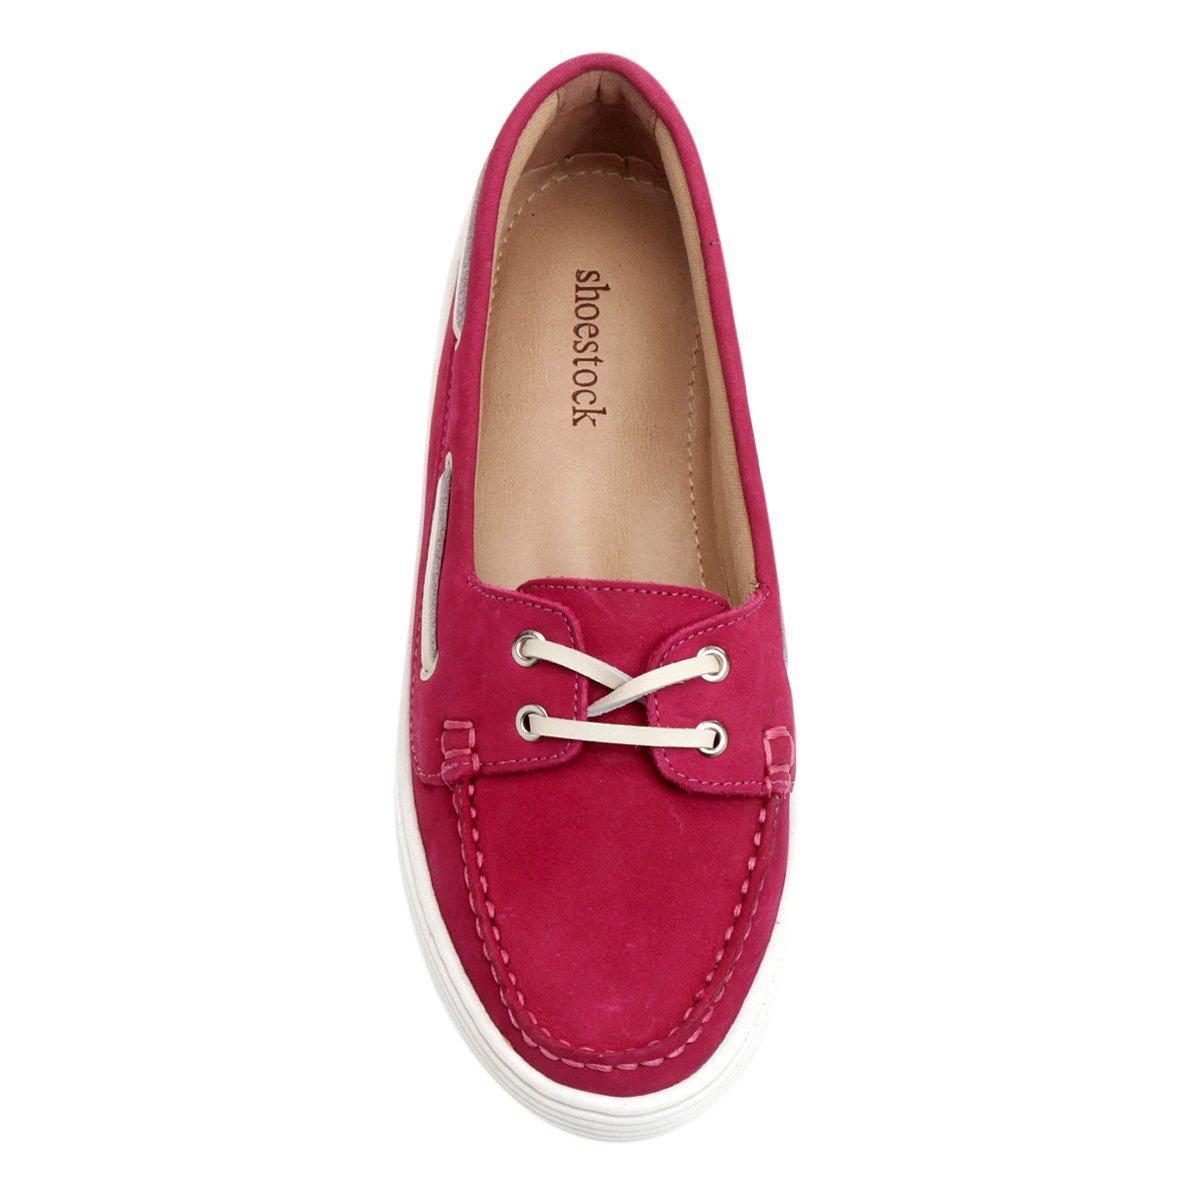 Shoestock Cadarço Dockside Pink Dockside Shoestock Dockside Couro Cadarço Pink Couro Shoestock Couro Cadarço qxfvOax